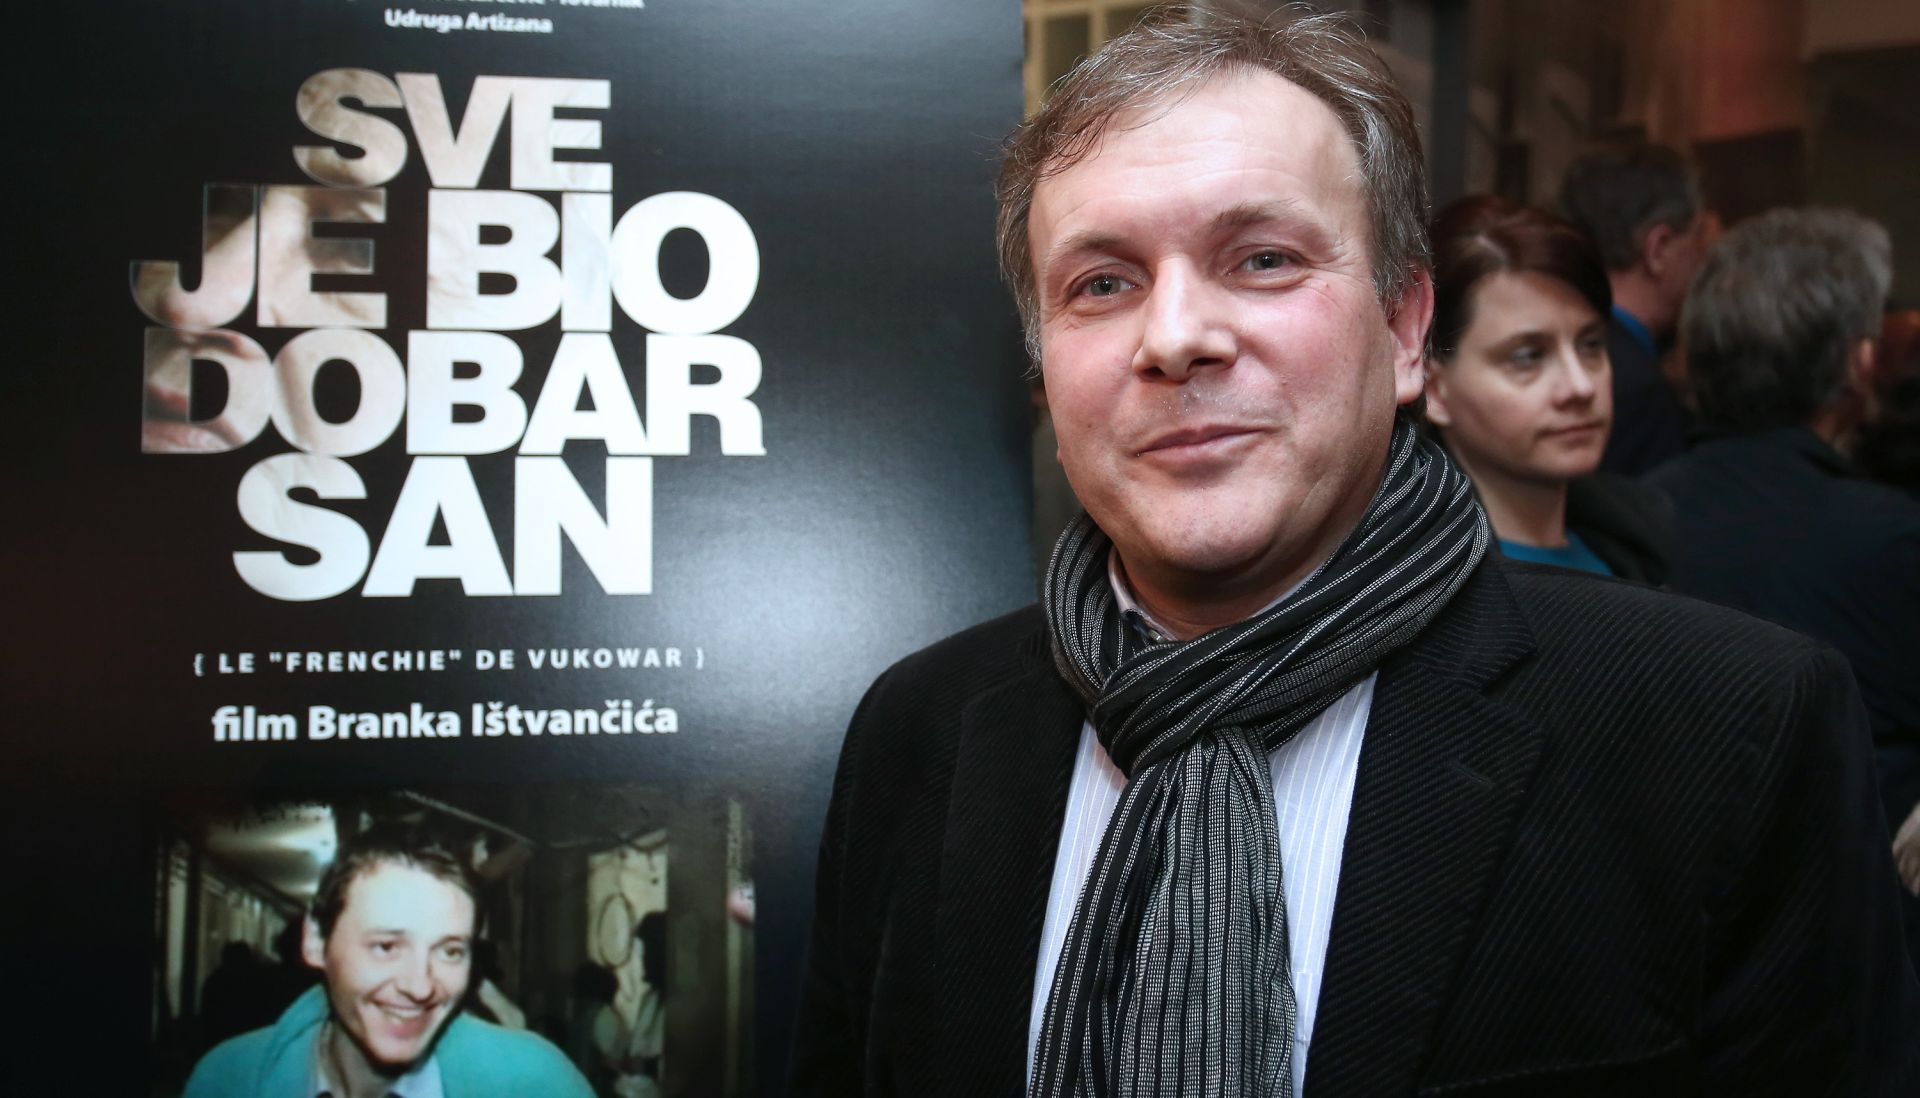 """Ištvančićev film """"Sve je bio dobar san"""" na festivalu u Beču"""